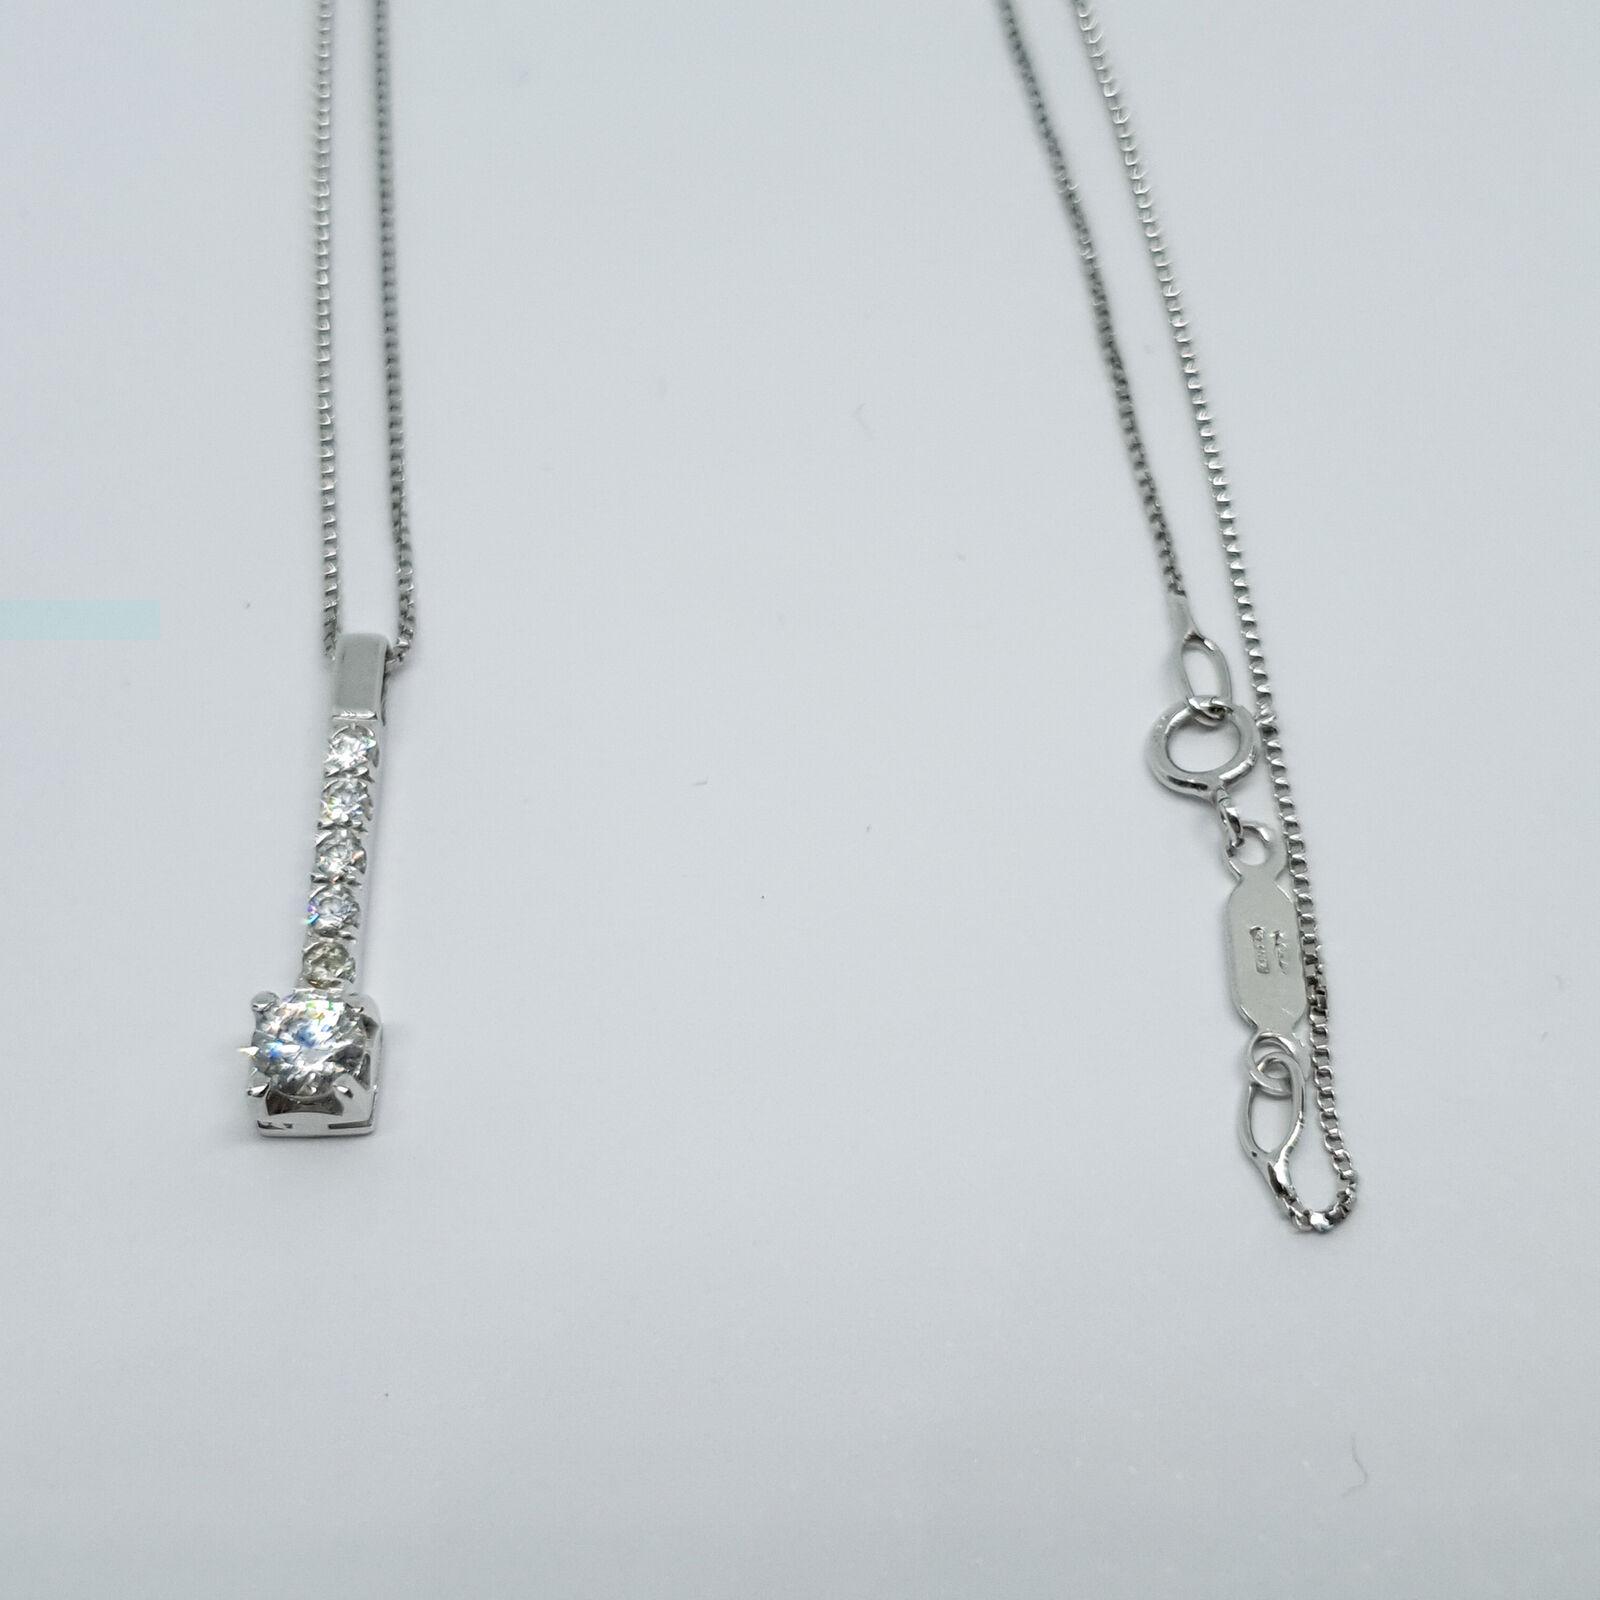 Collana in oro bianco 18 Kt 750 zirconi -590 -590 -590 VE- 3c636c